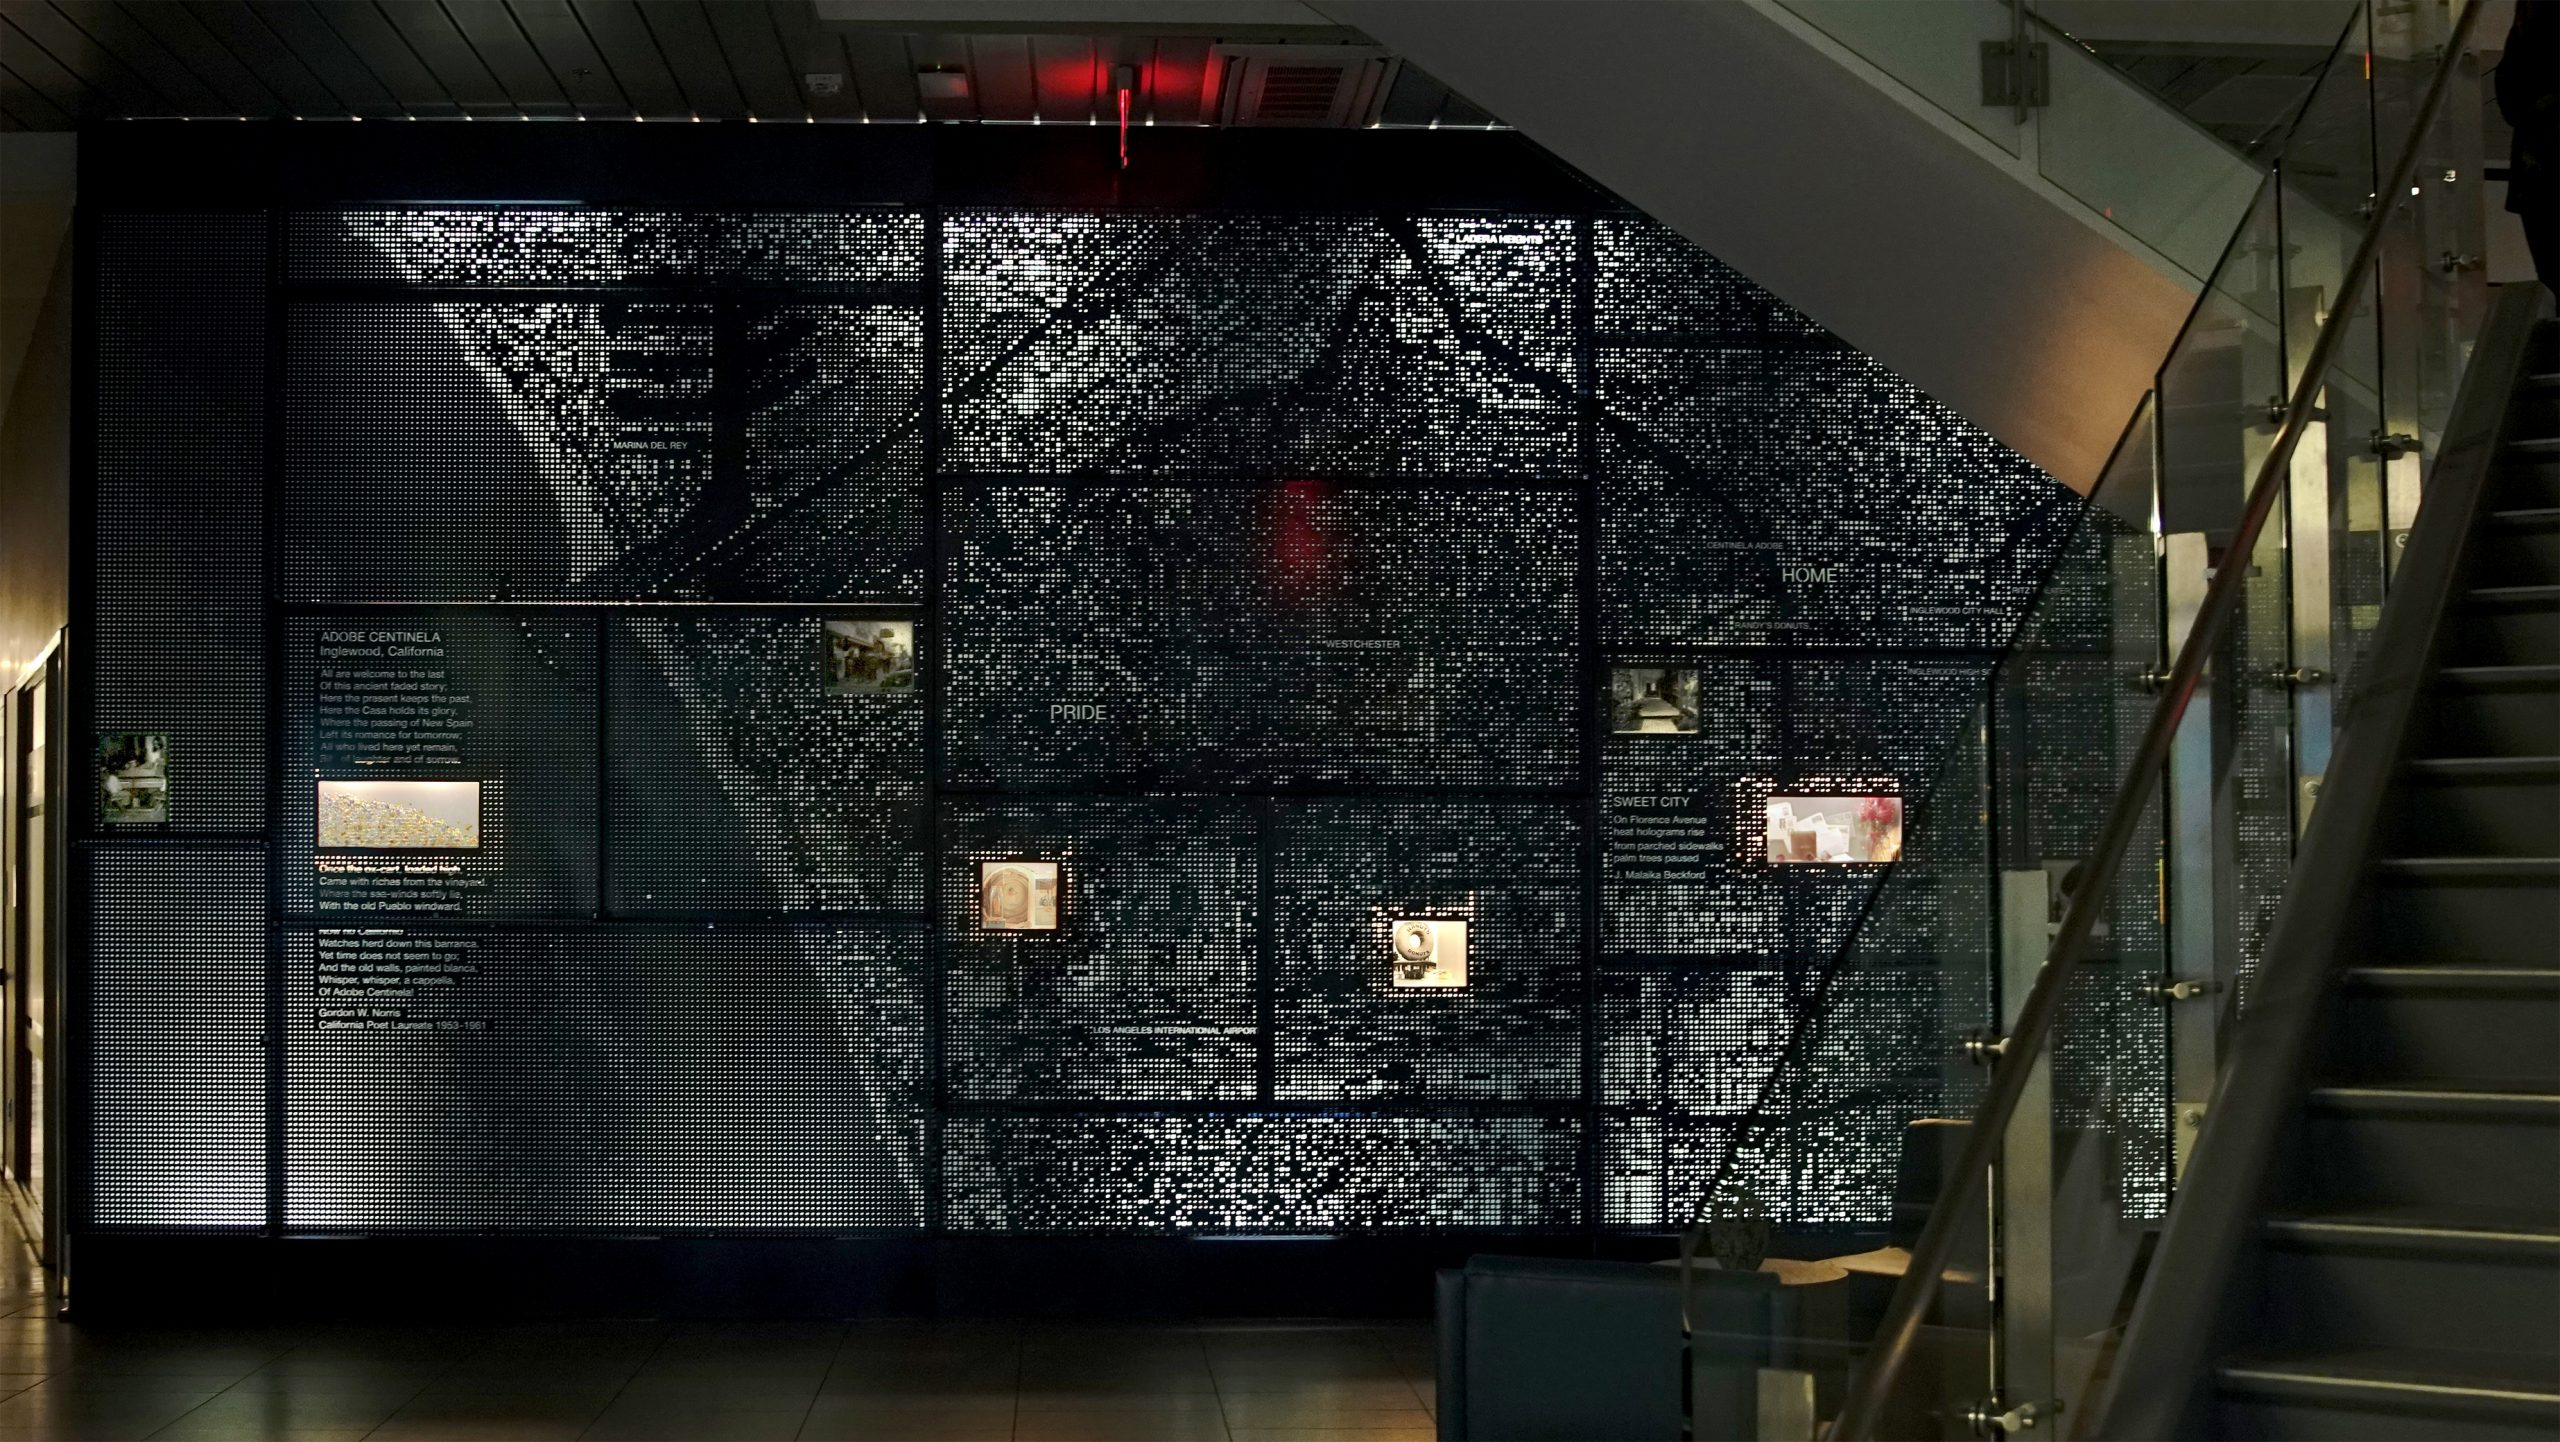 Wunderkammer: Cabinet of Wonder